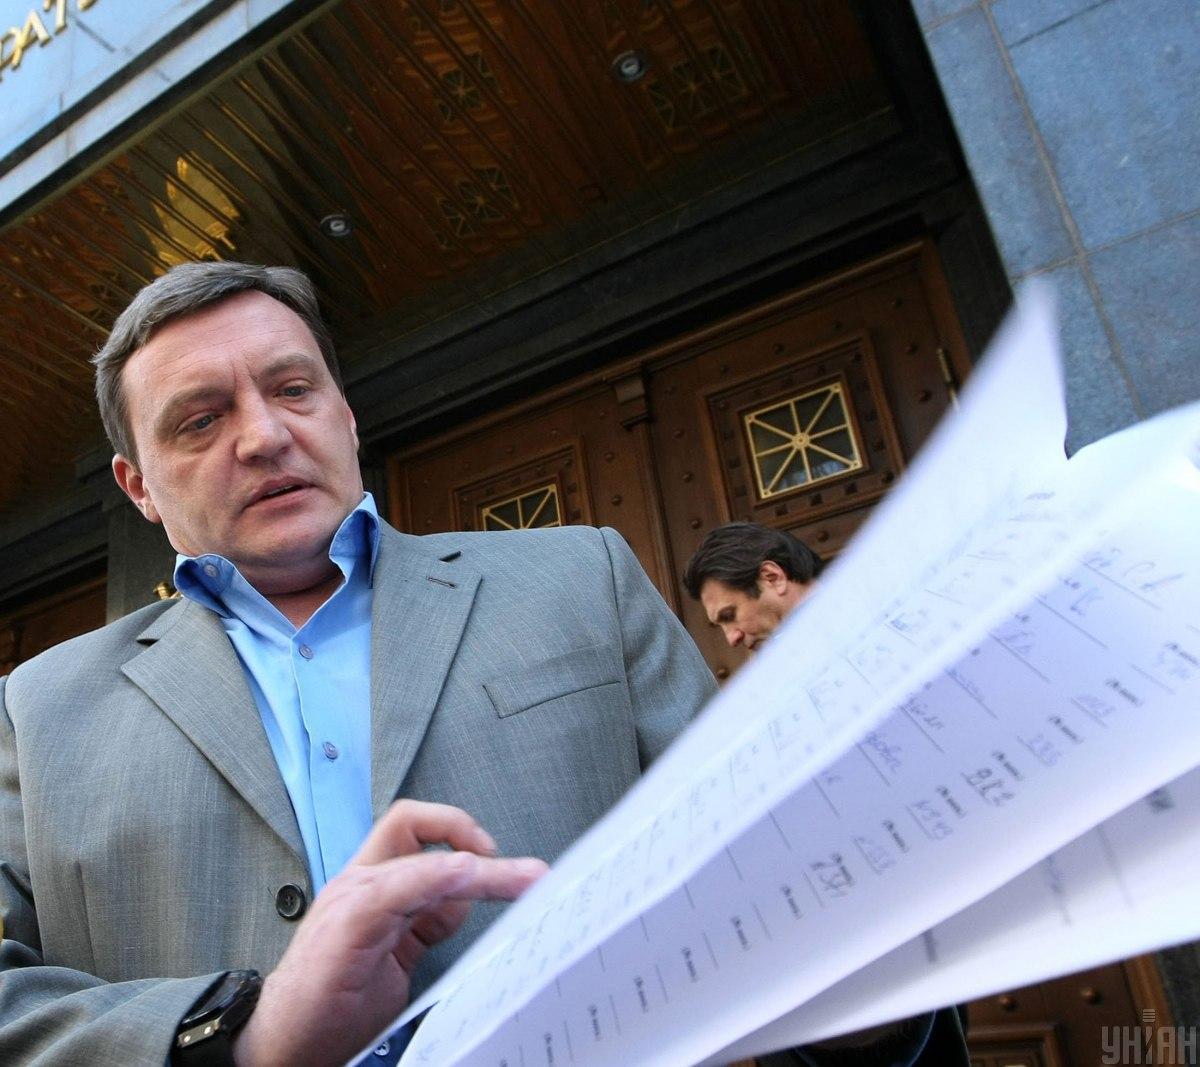 Грымчака задержали вечером 14 августа / фото УНИАН